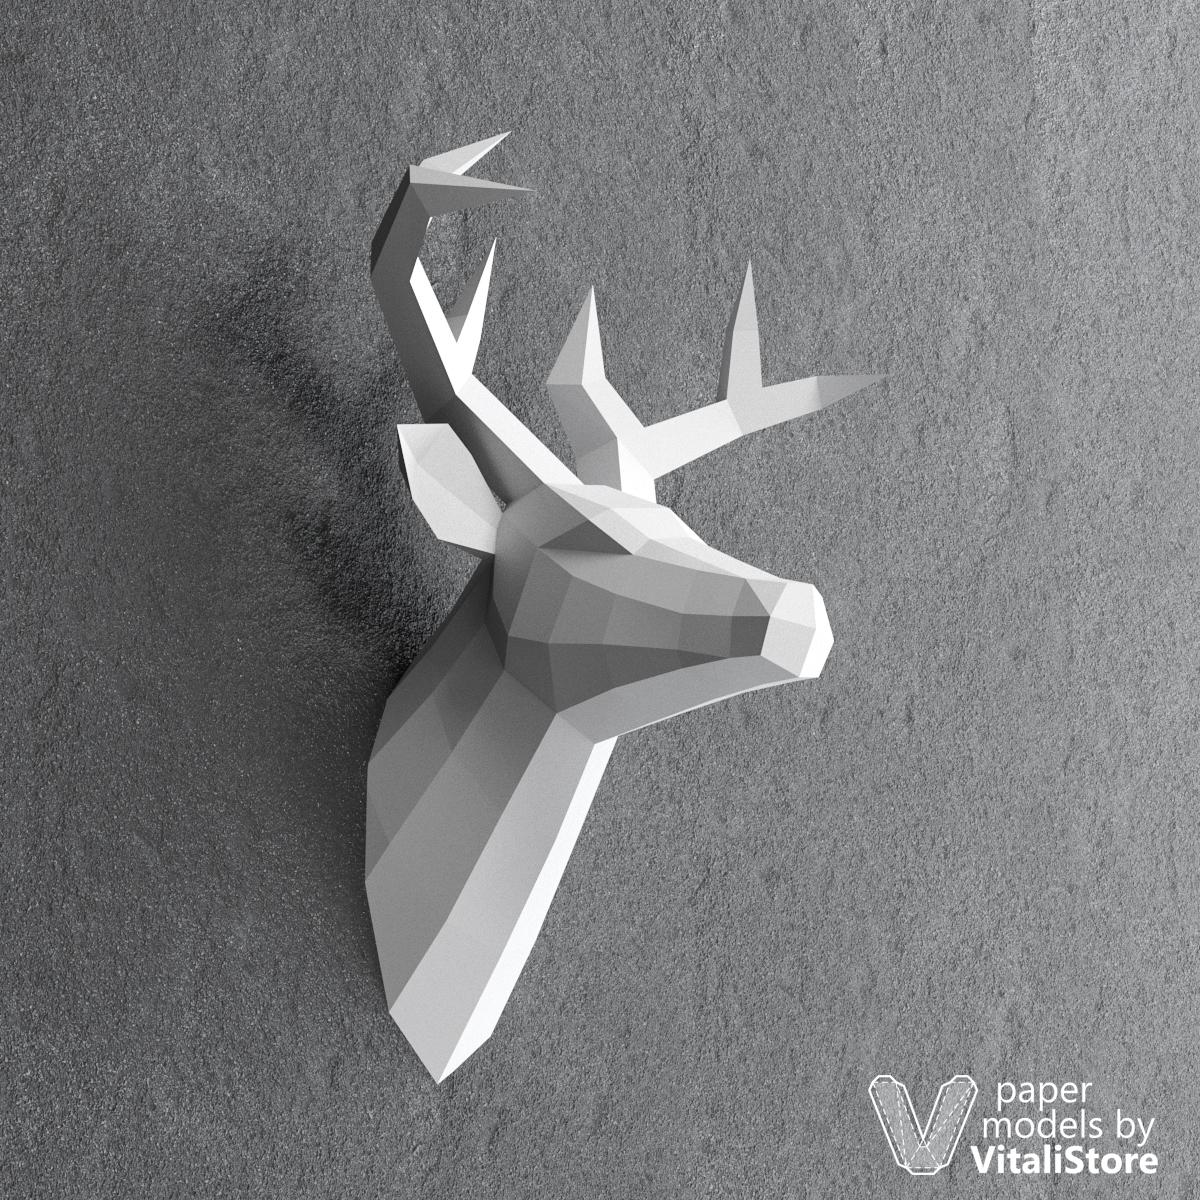 Deer papercraft diy paper sculpture wall decor vitalistore